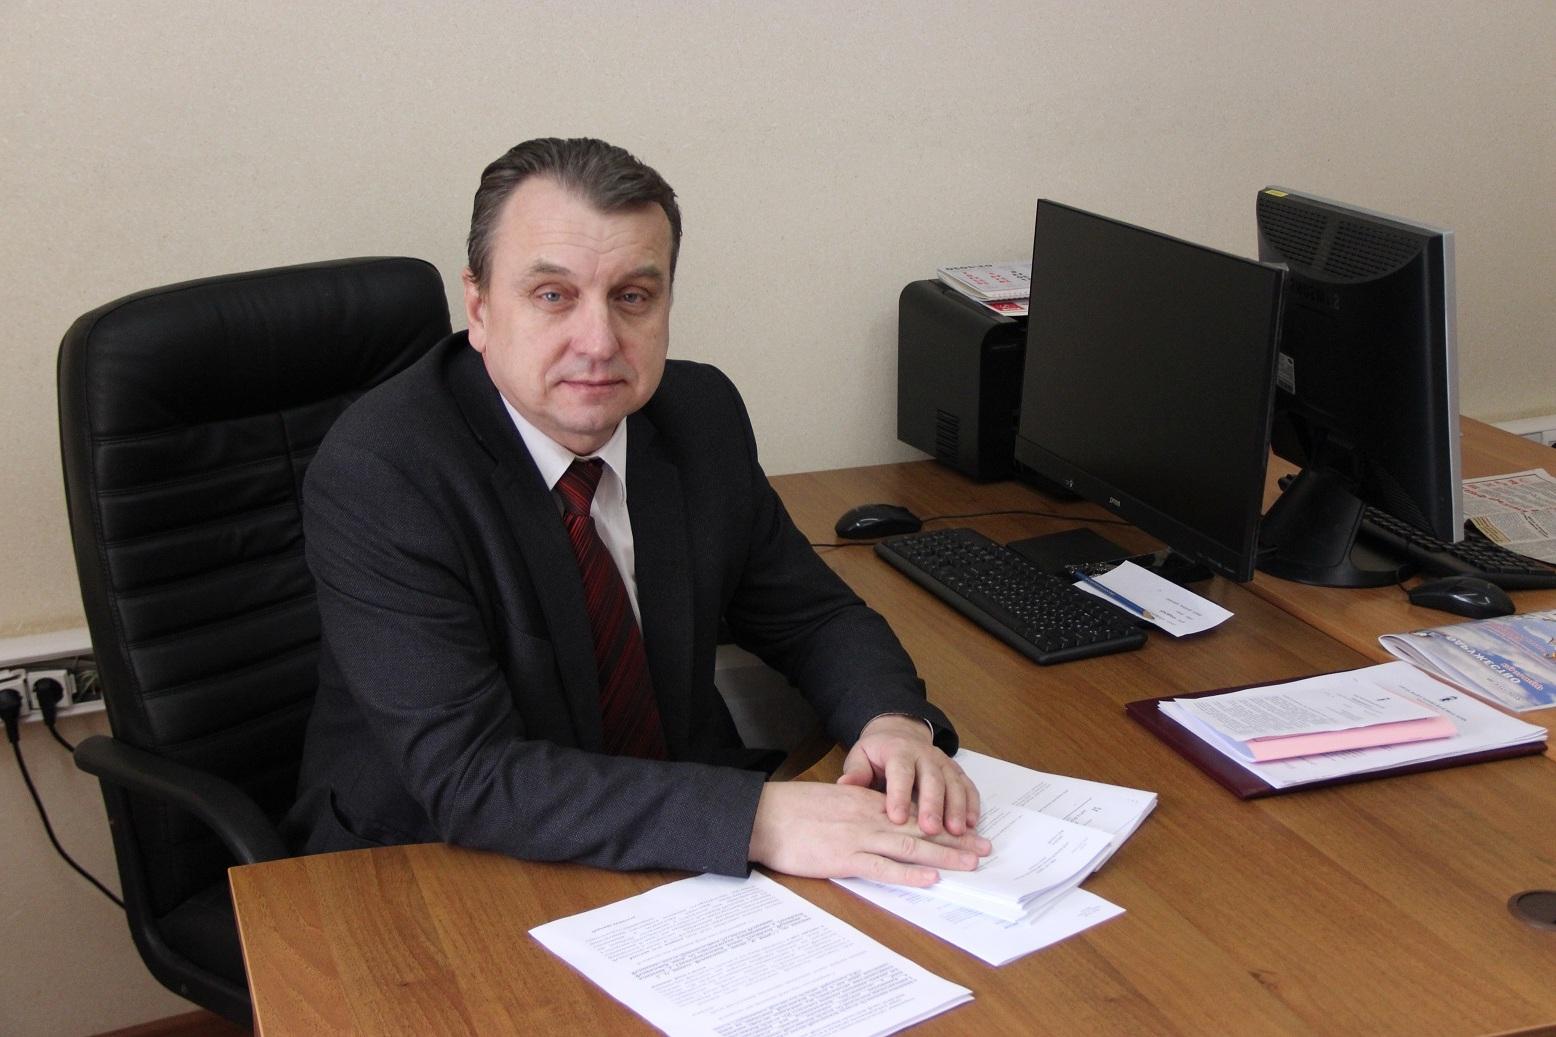 Валерий Байло: Региональному оператору по обращению с ТКО недопустимо выставлять счета за не оказанные услуги!